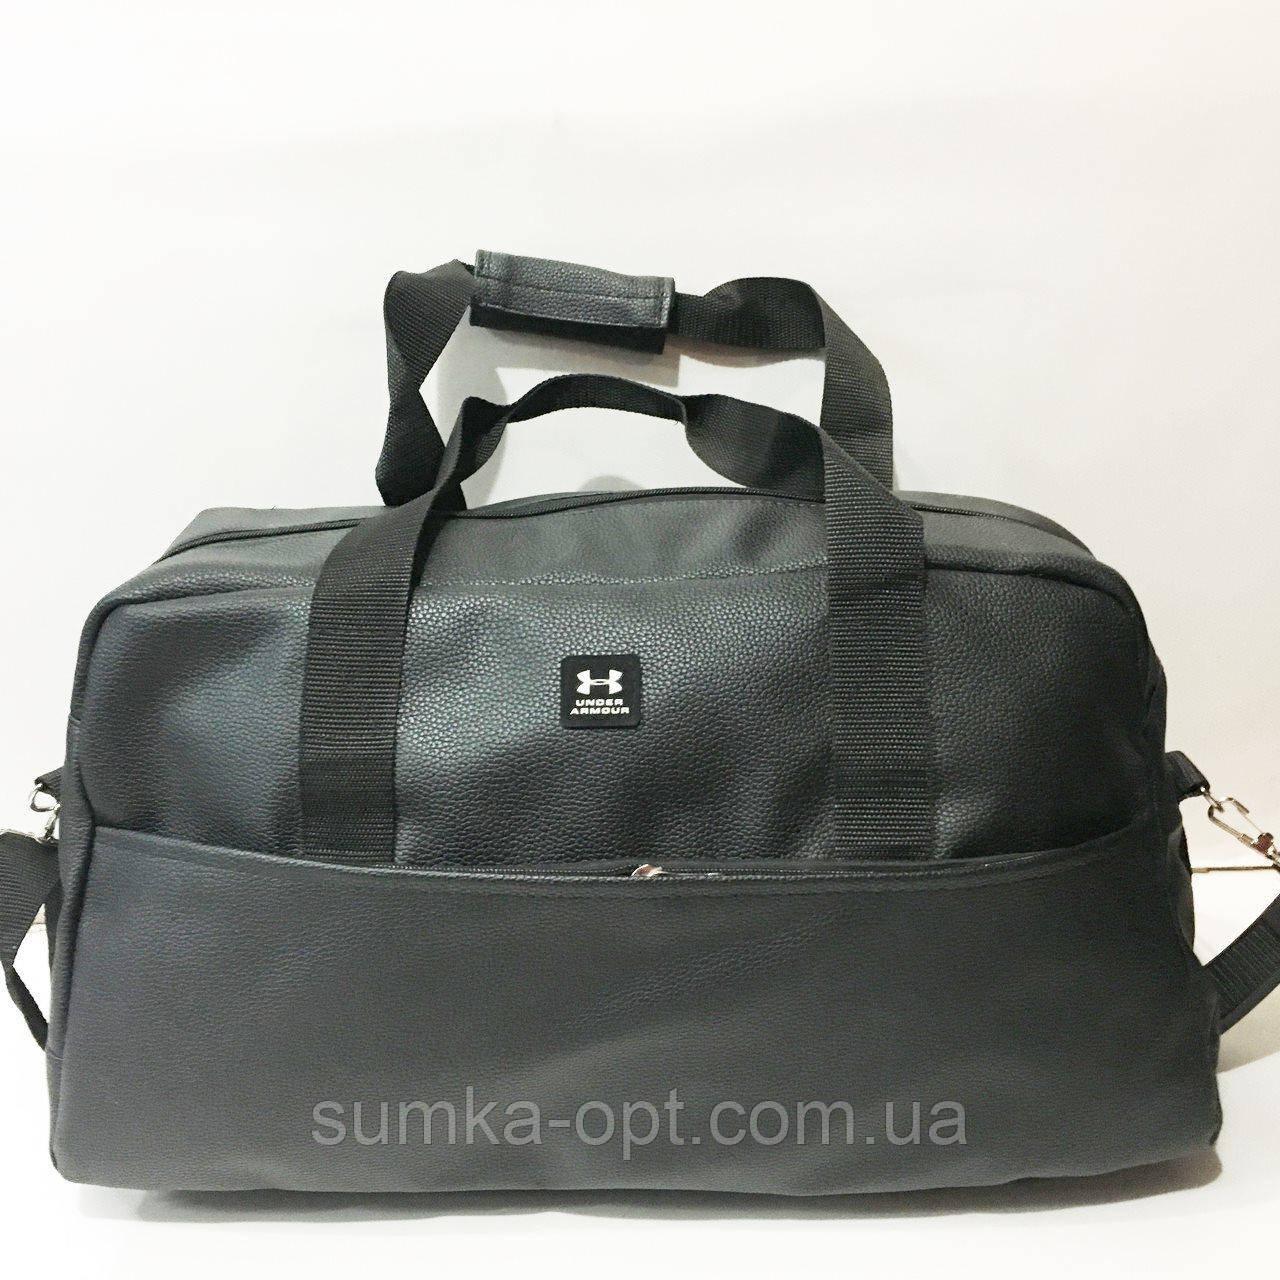 Спортивные сумки из искусственной кожи Under Armour (ЧЕРНЫЙ)21*27*48см